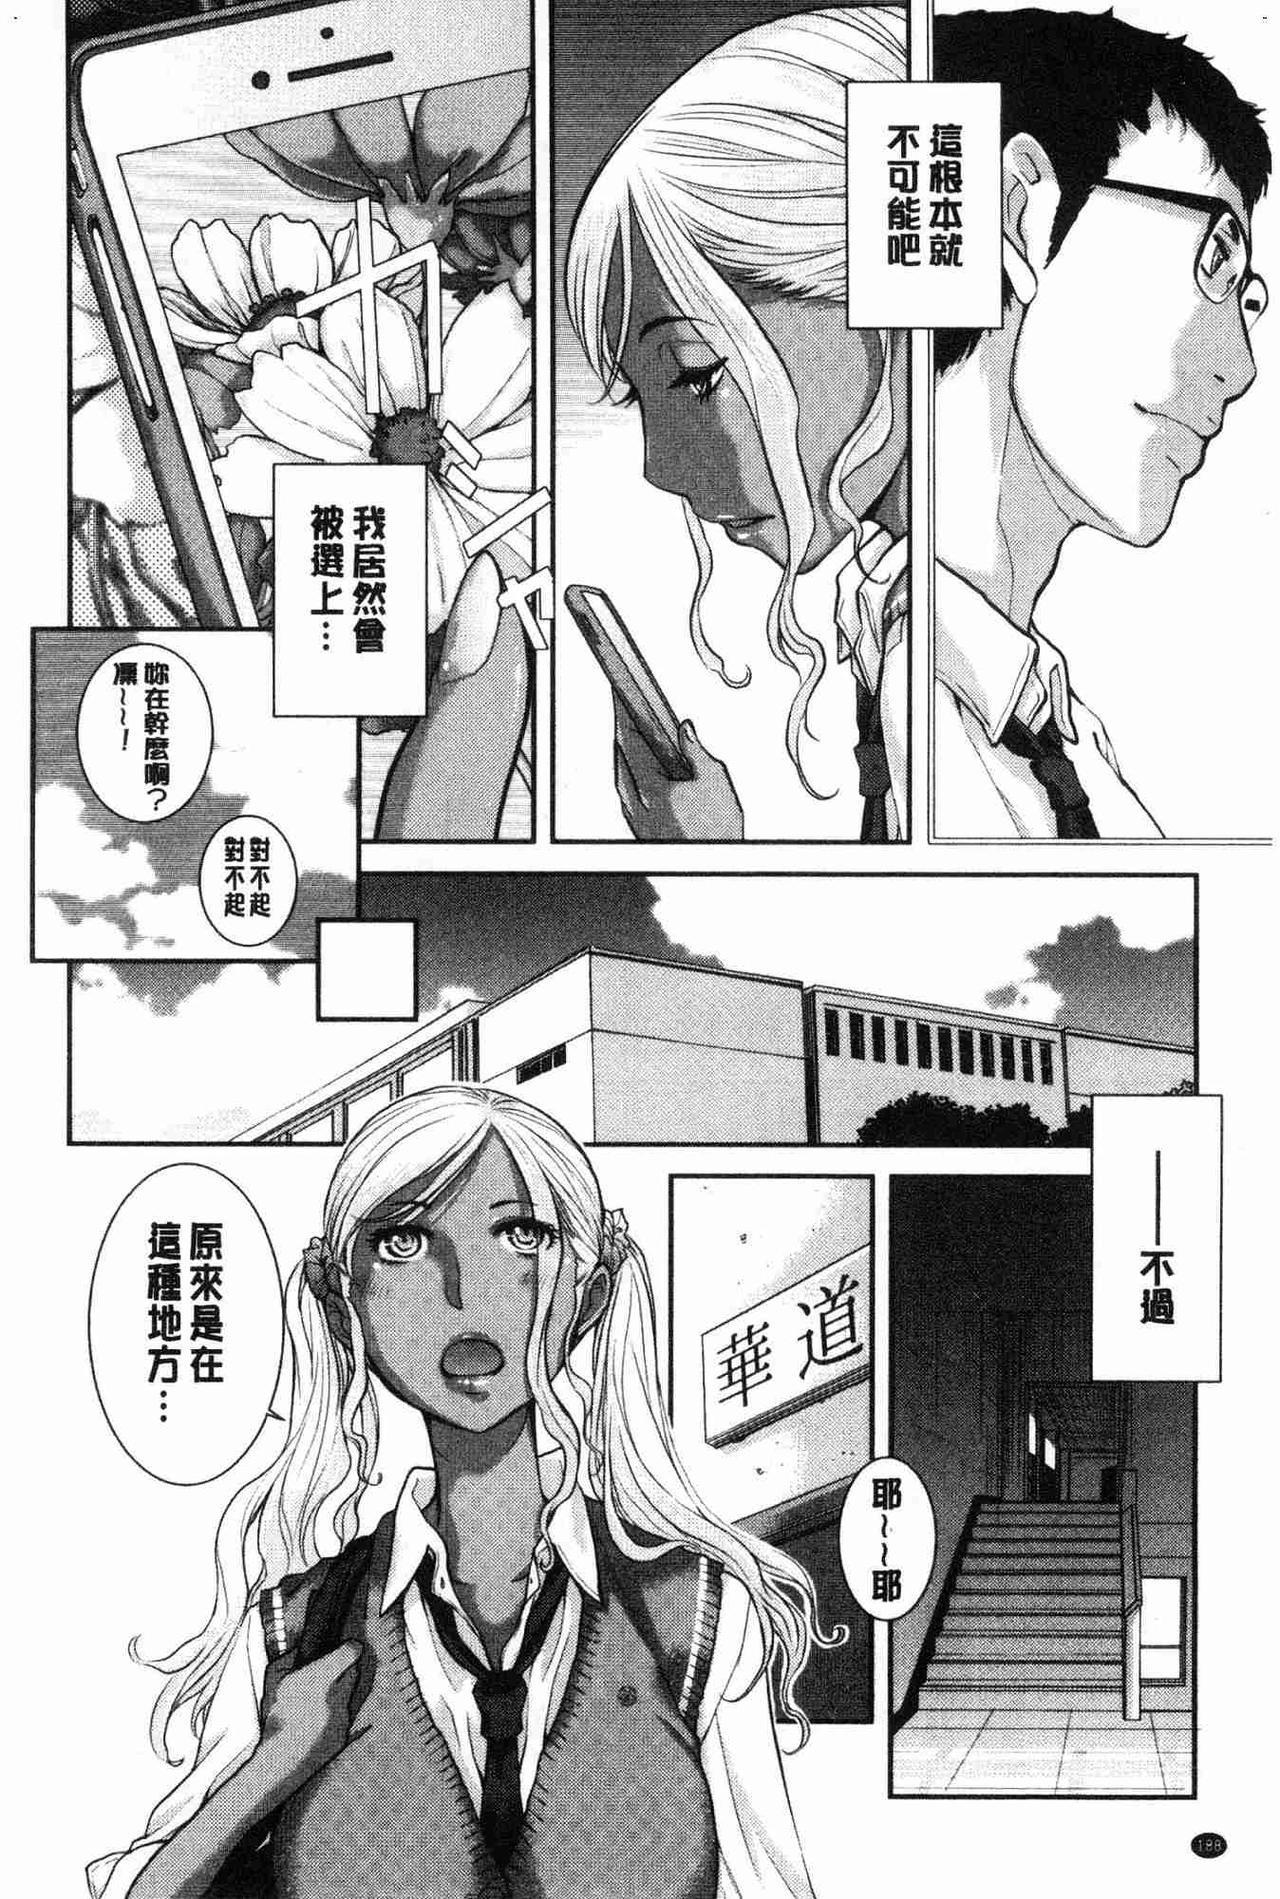 [Harazaki Takuma] Seifuku Shijou Shugi -Natsu- - Uniforms supremacy [Chinese] 188